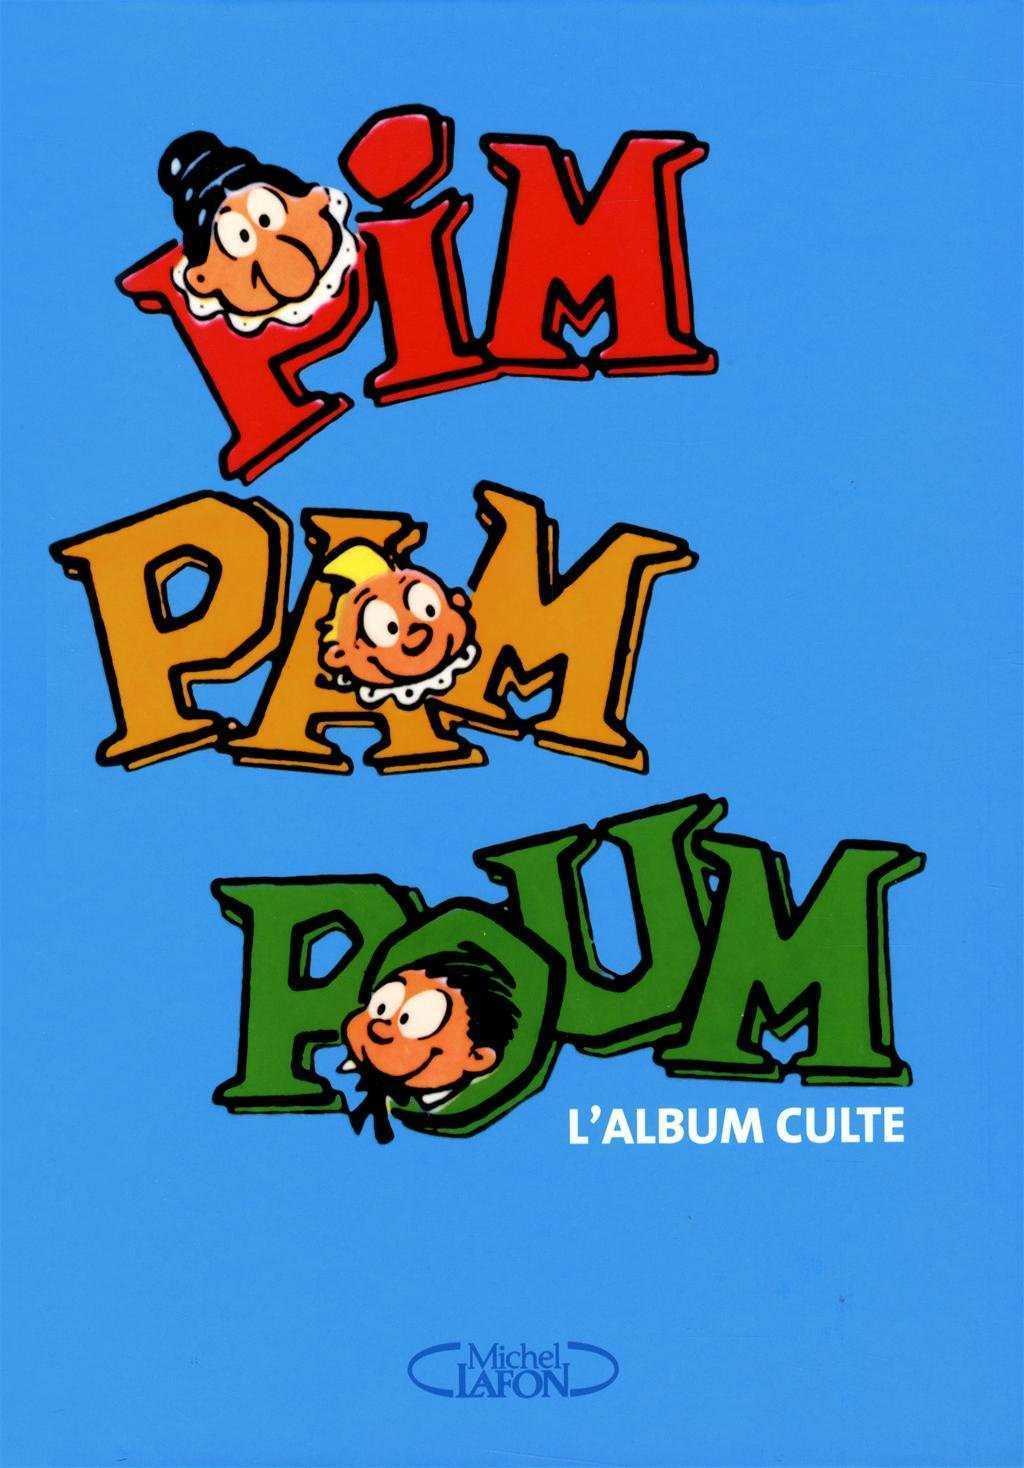 Pim Pam Poum, la plus ancienne des BD s'offre un album souvenir